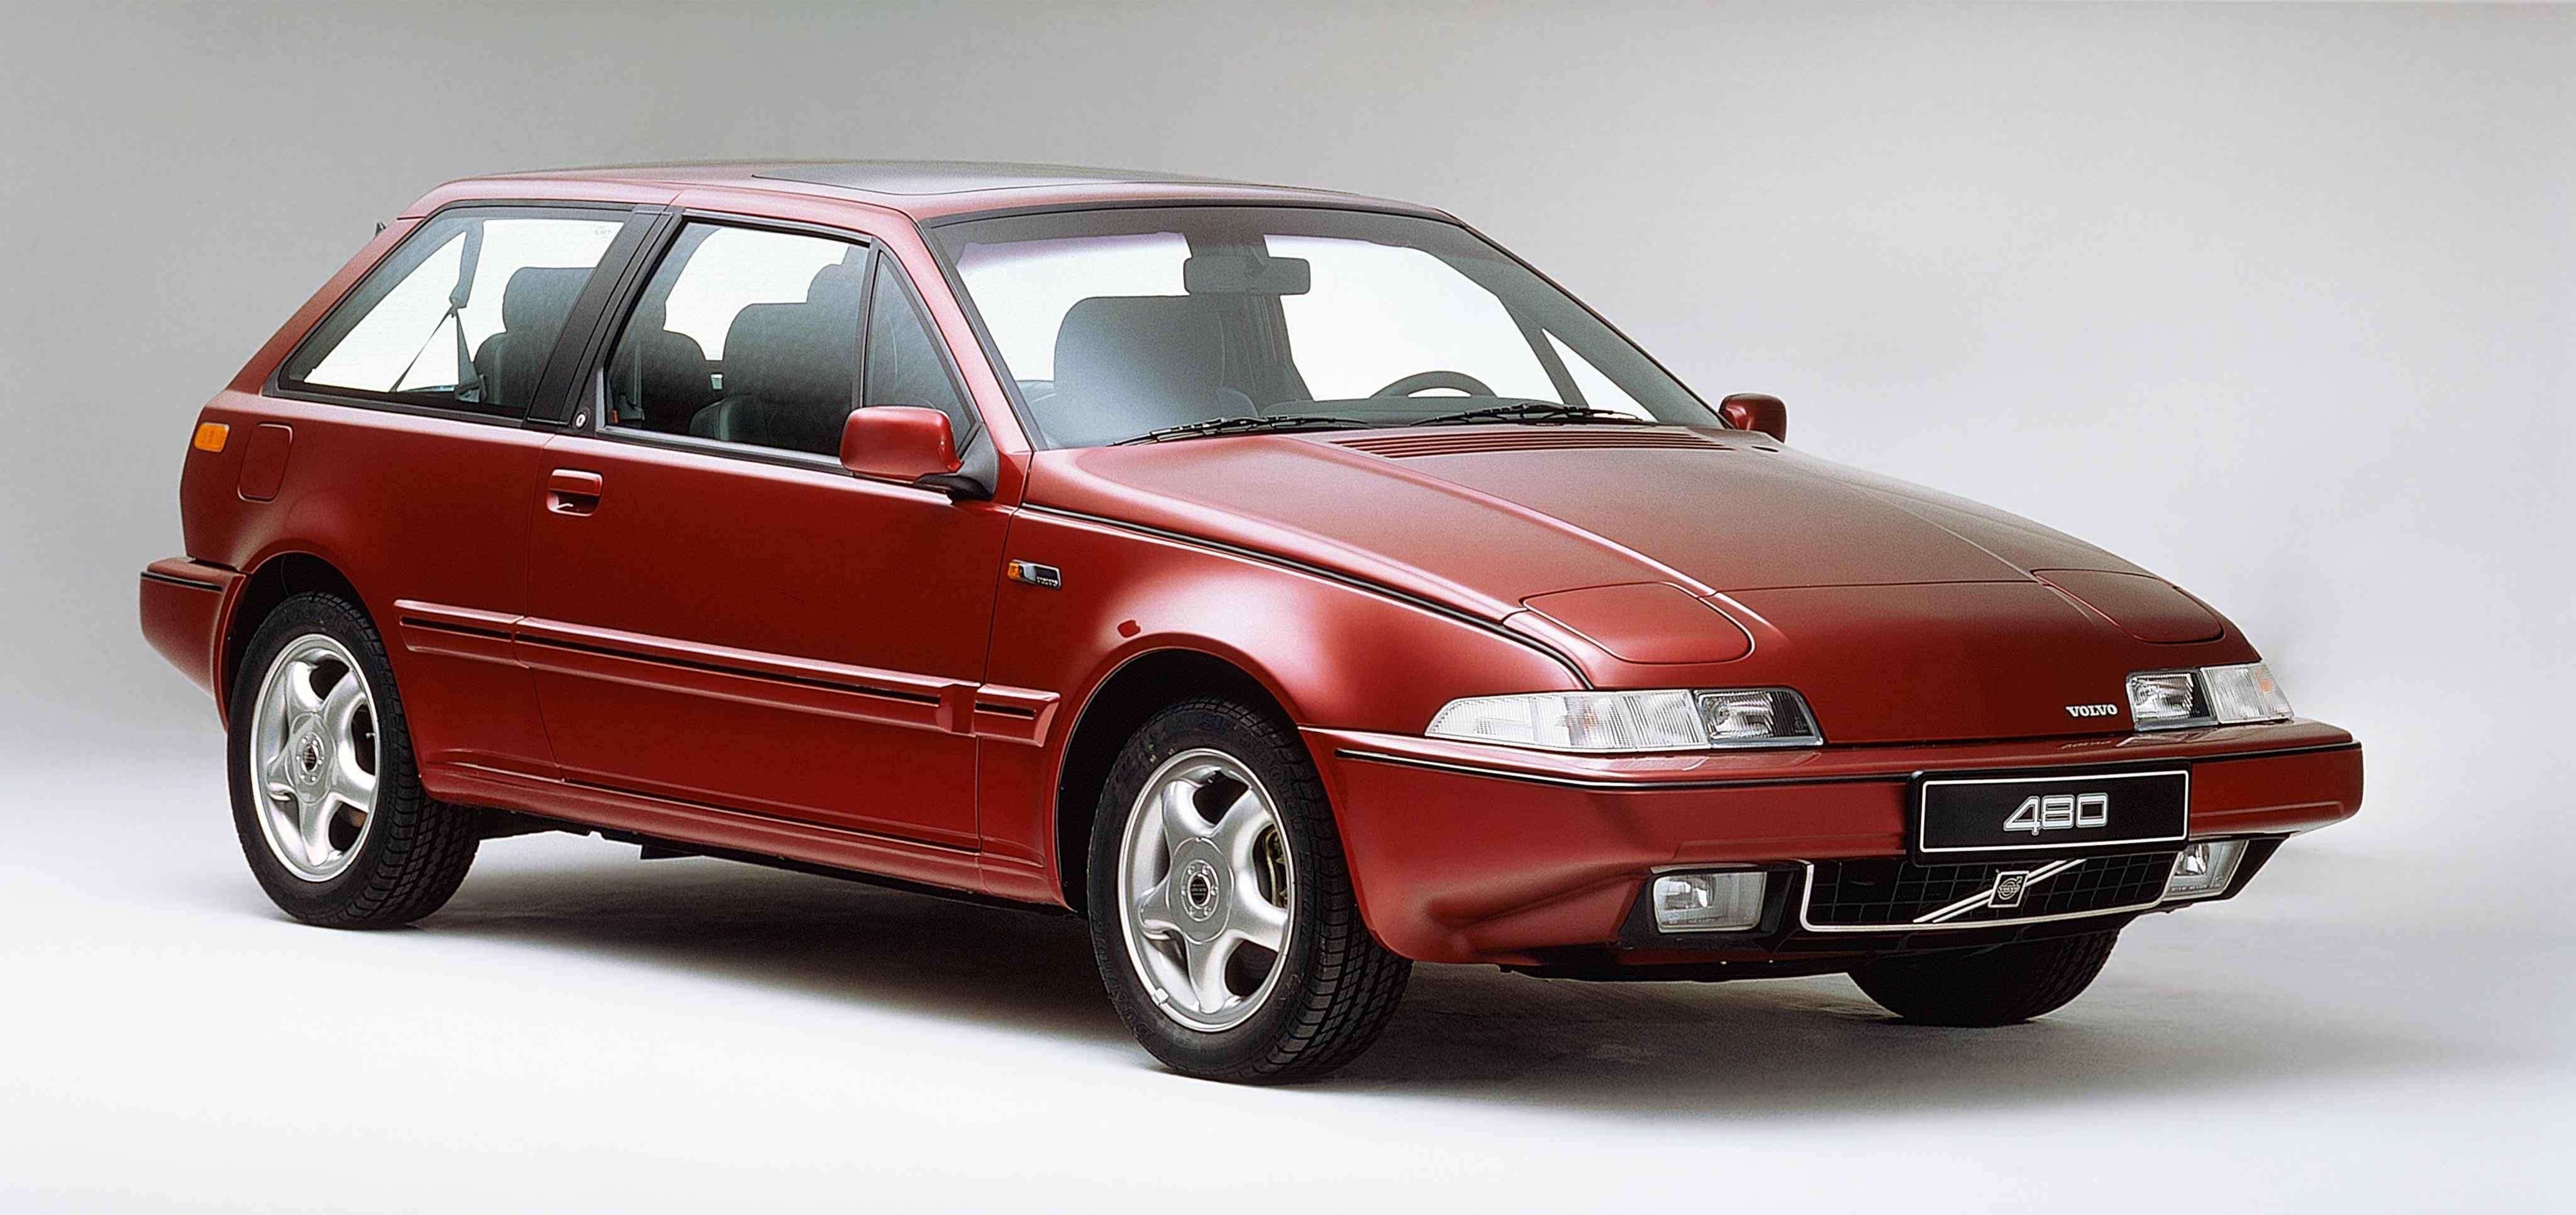 Un Volvo 480 de color rojo en un estudio